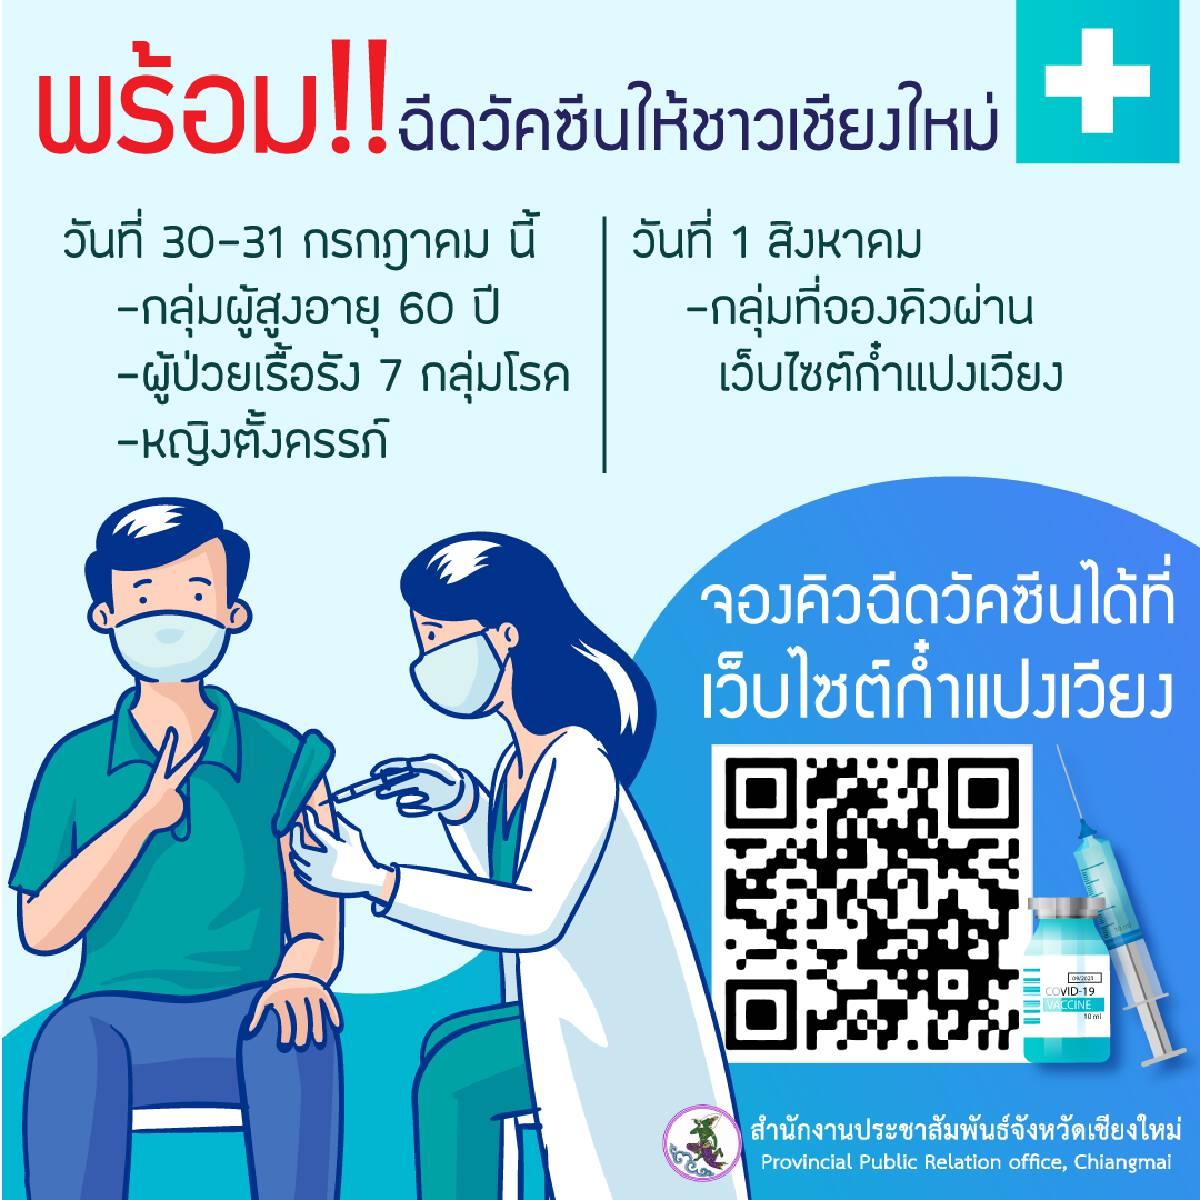 """เชียงใหม่ เริ่มฉีดวัคซีนให้ผู้ลงทะเบียนผ่านเว็บไซต์""""ก๋ำแปงเวียง""""วันนี้"""